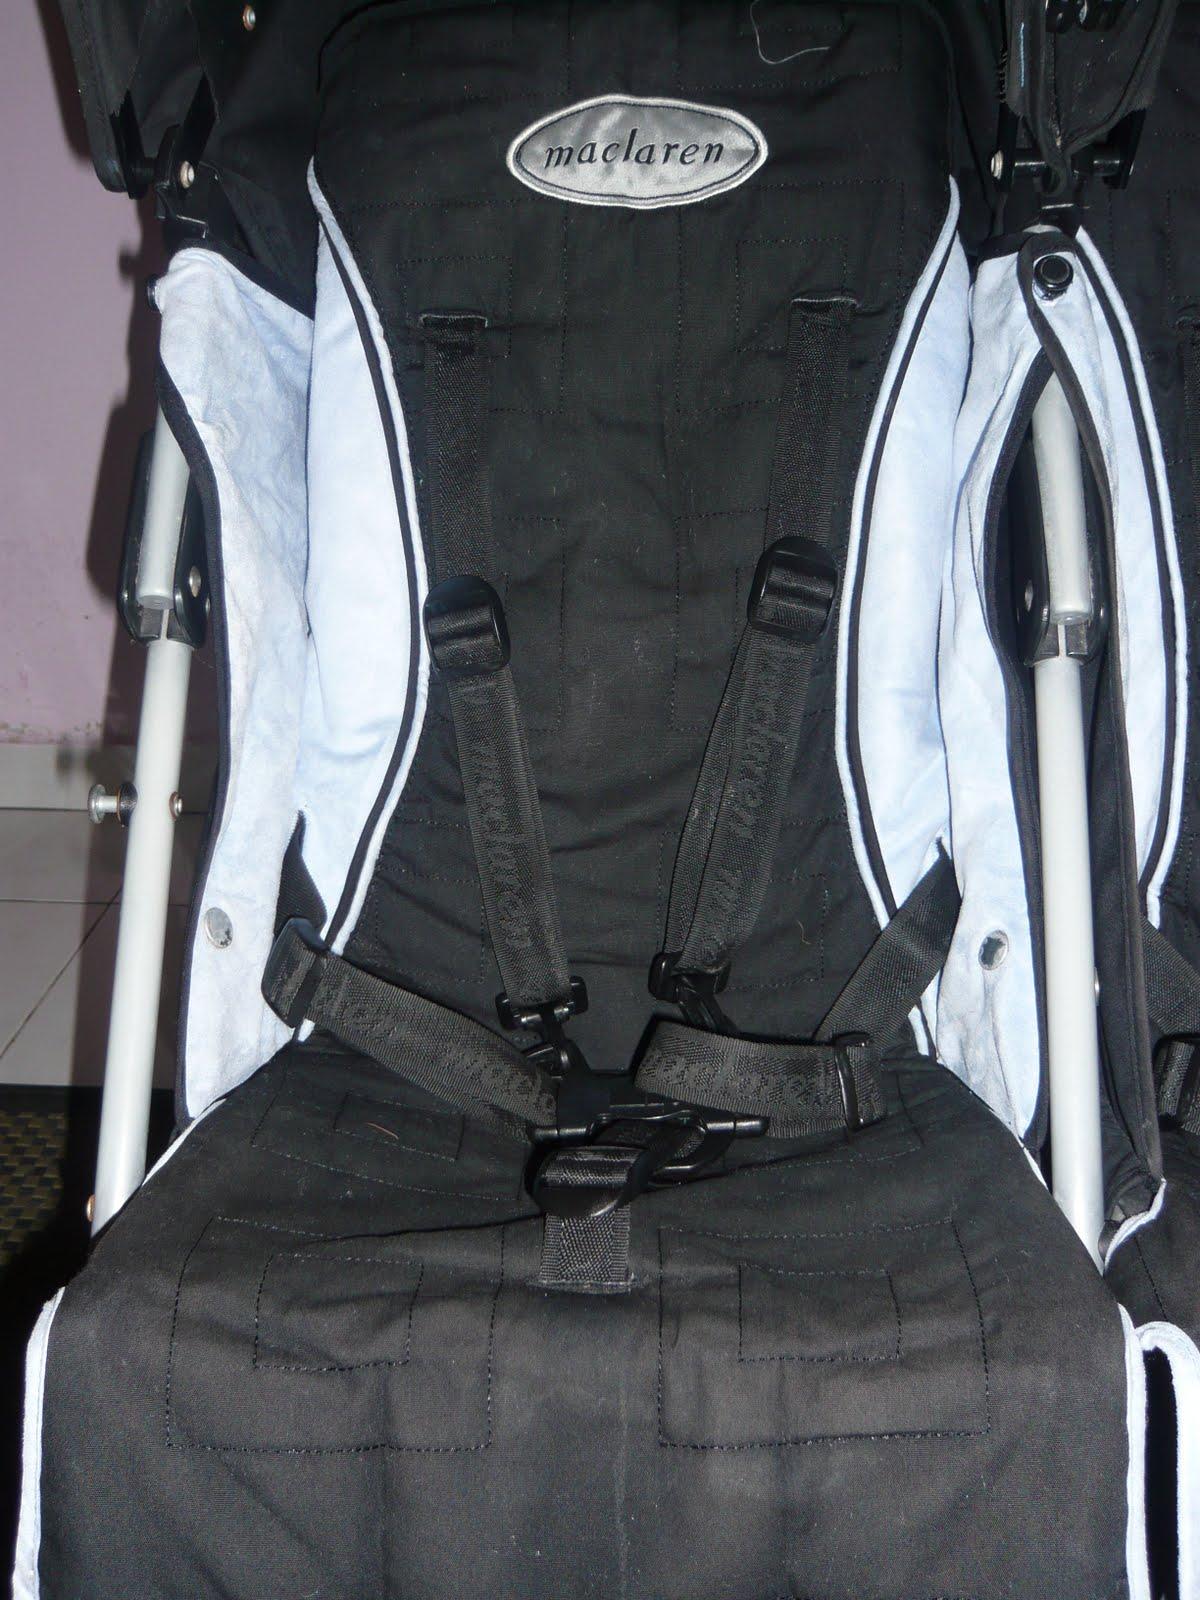 Mycomelstore Maclaren Twin Traveller Stroller